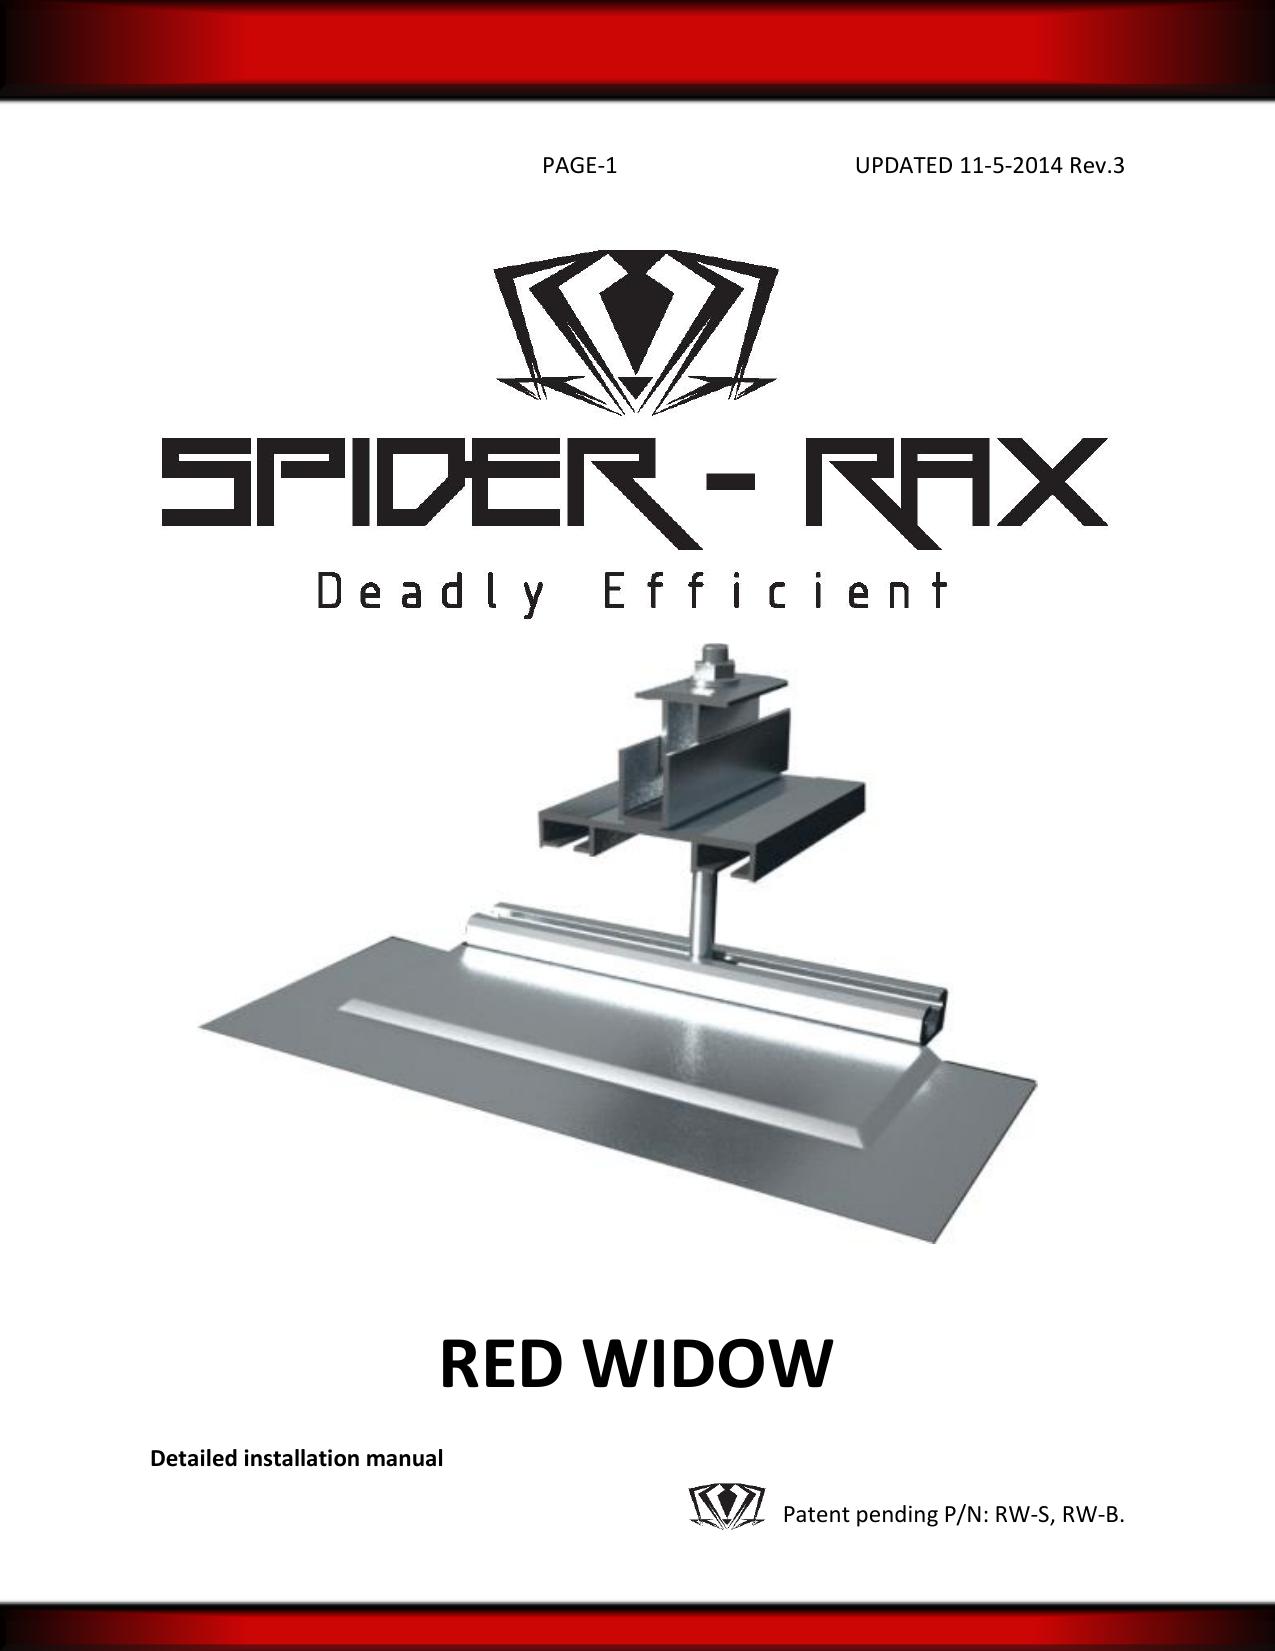 Red Widow Spider Rax Manualzzcom